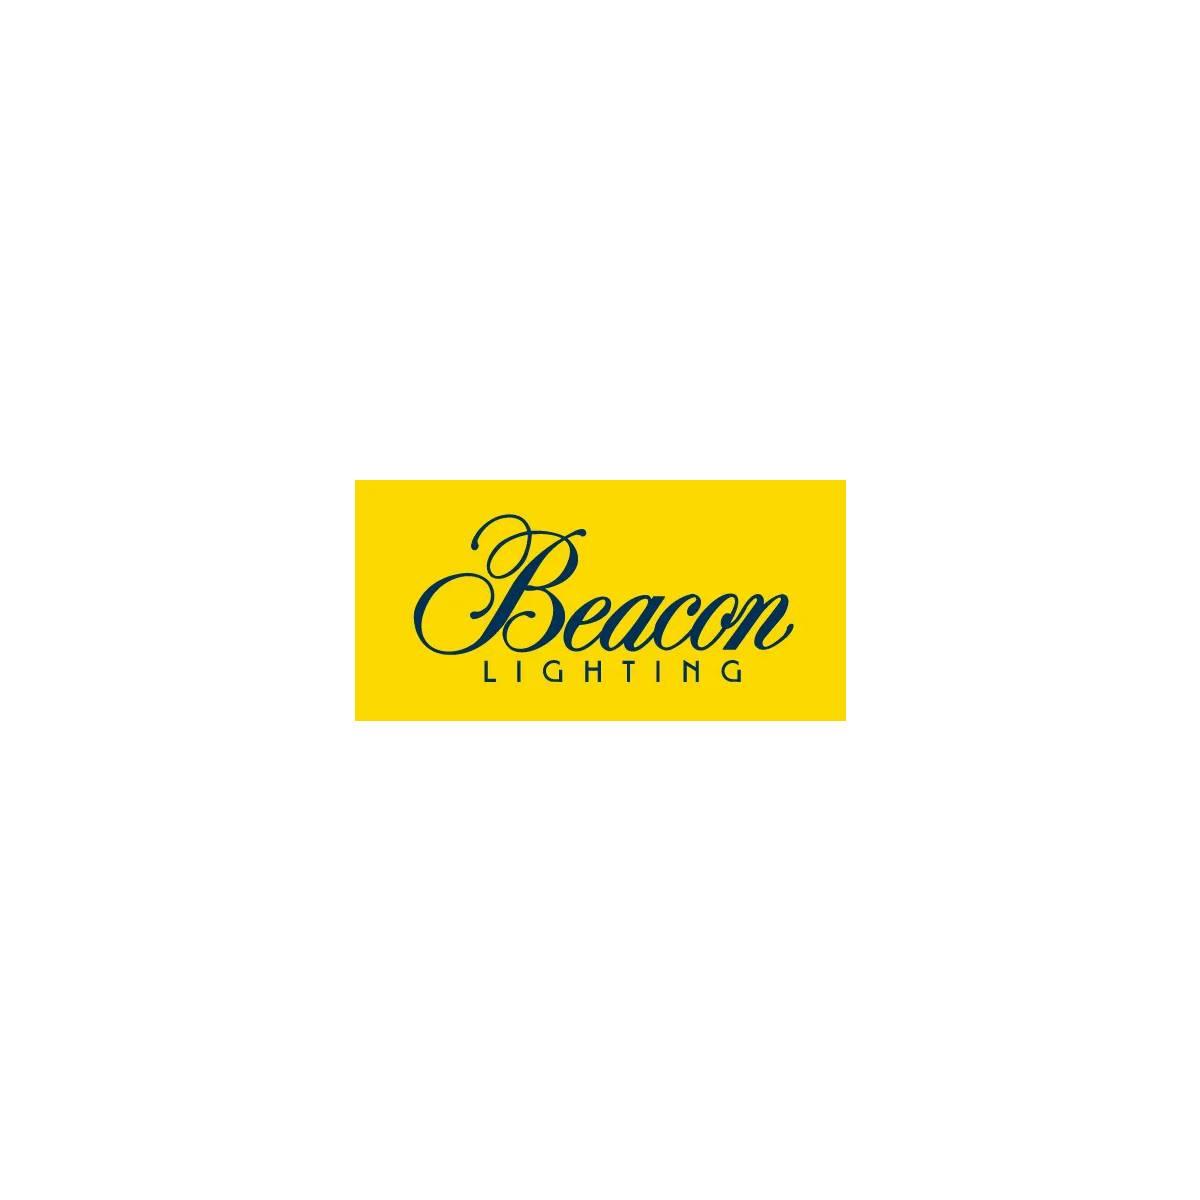 4x275w Heat Lamps Fans Beacon Lighting, Bathroom Heat Light